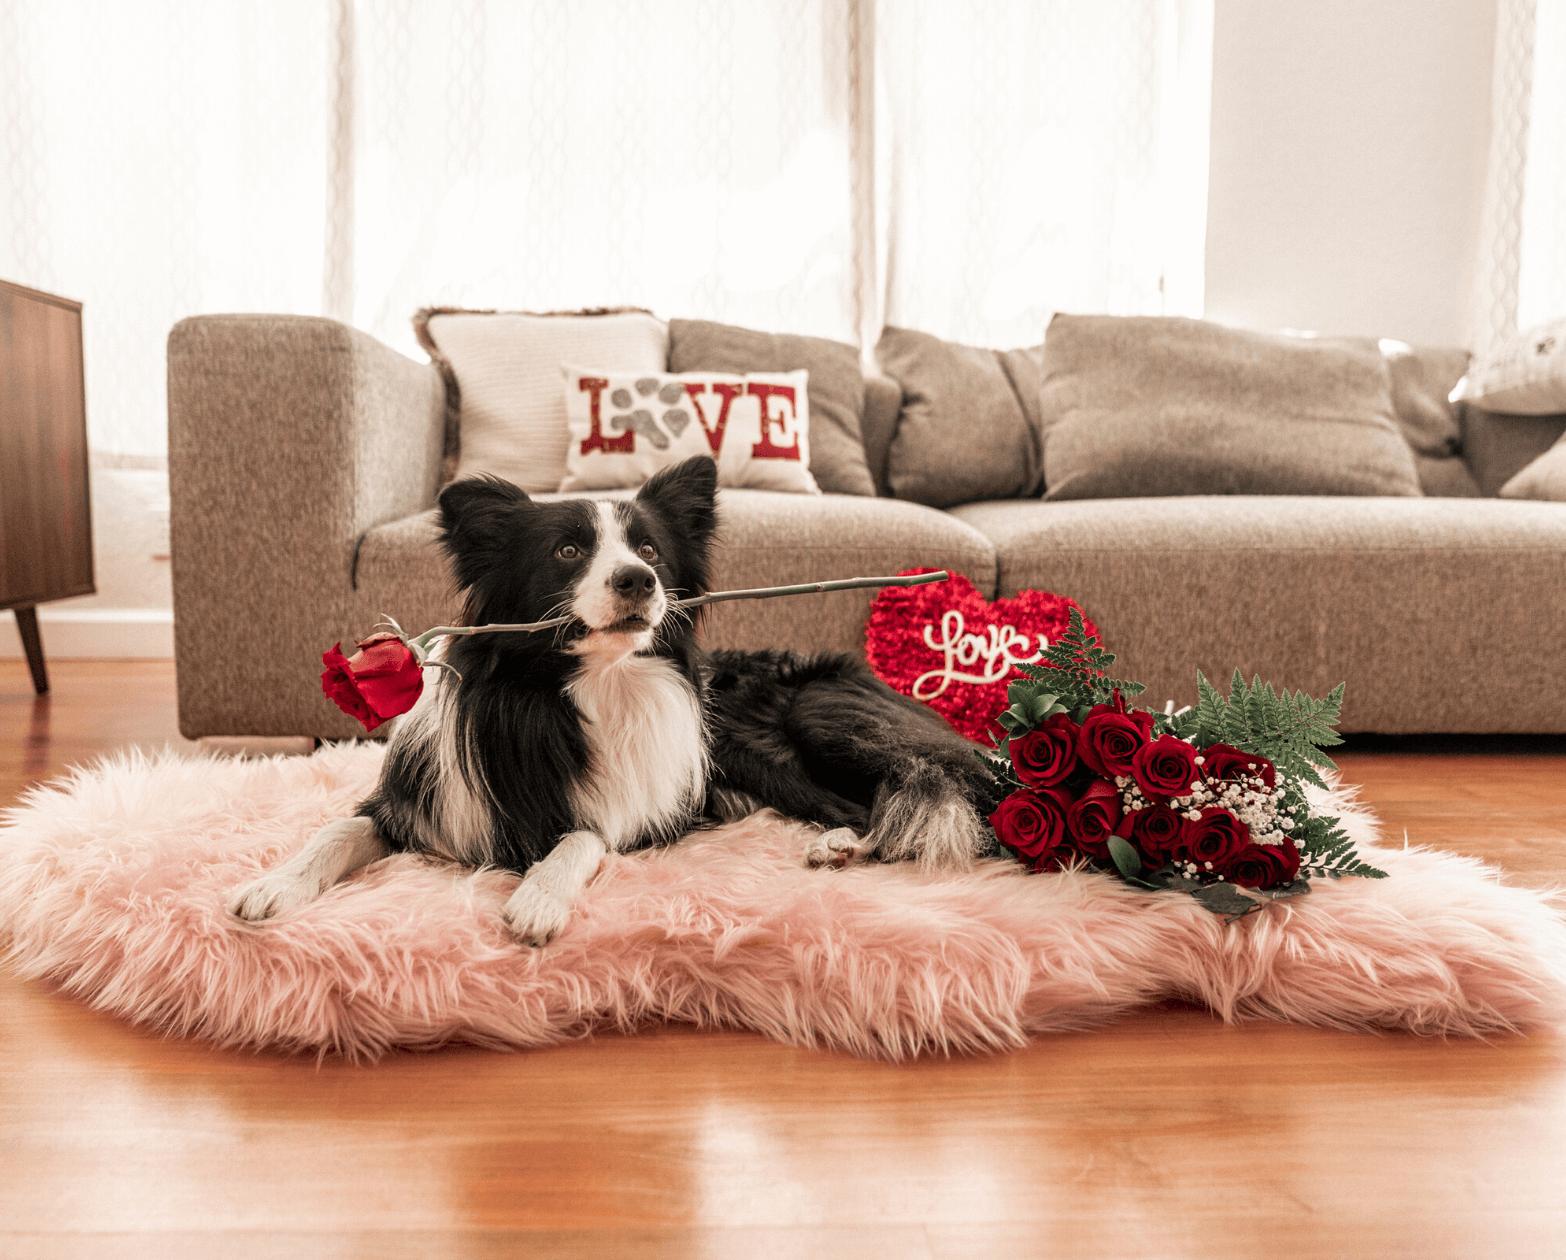 PupRug™ Faux Fur Orthopedic Dog Bed – Curve Blush Pink Pet Beds, Mats & Houses Pet Designer Beds